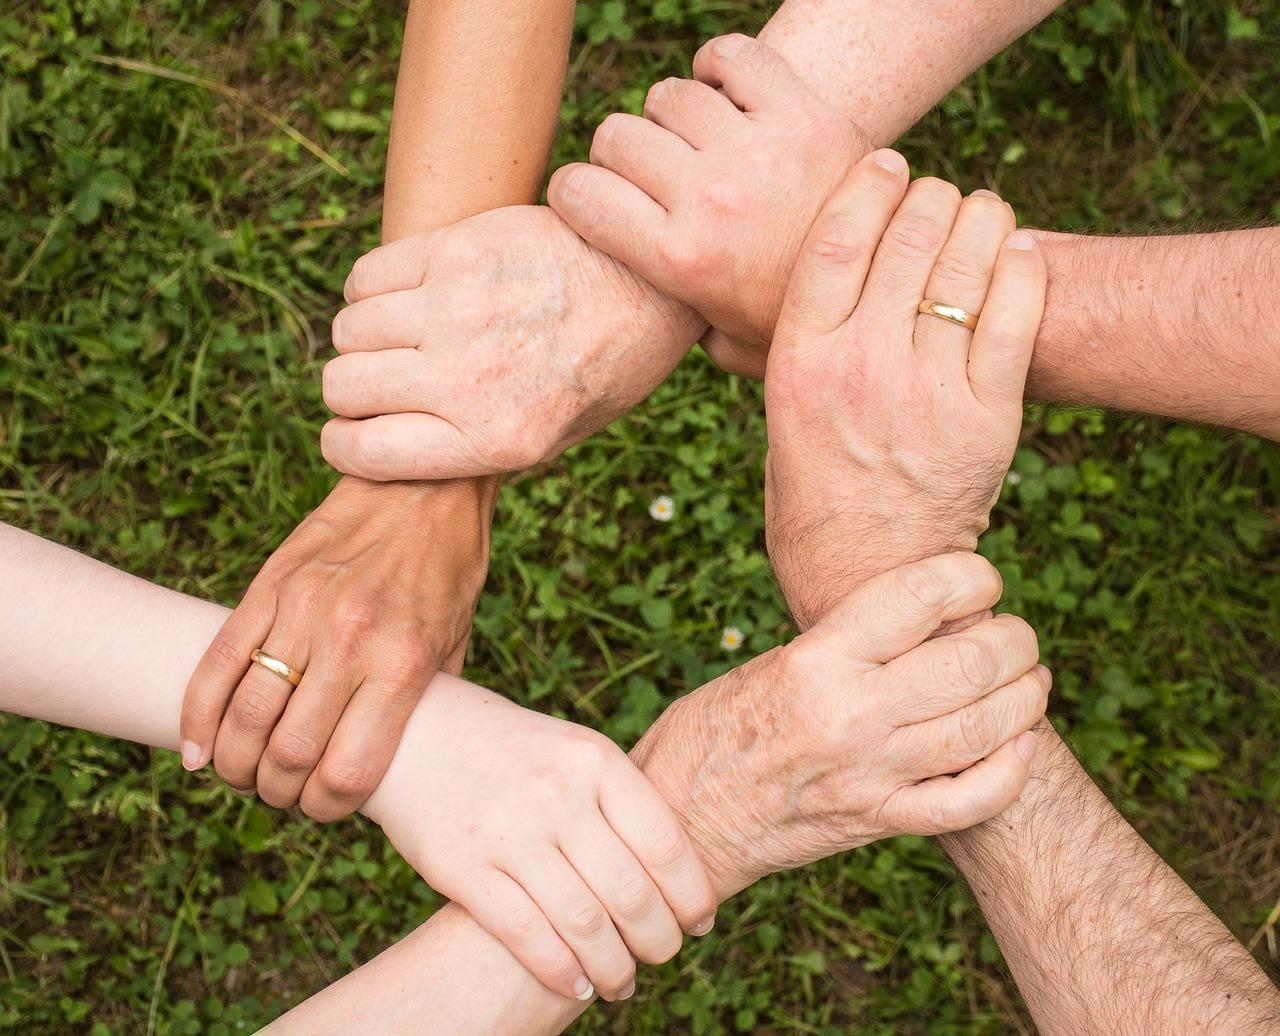 monia käsiä pitämässä kiinni toisistaan ruoho taustalla